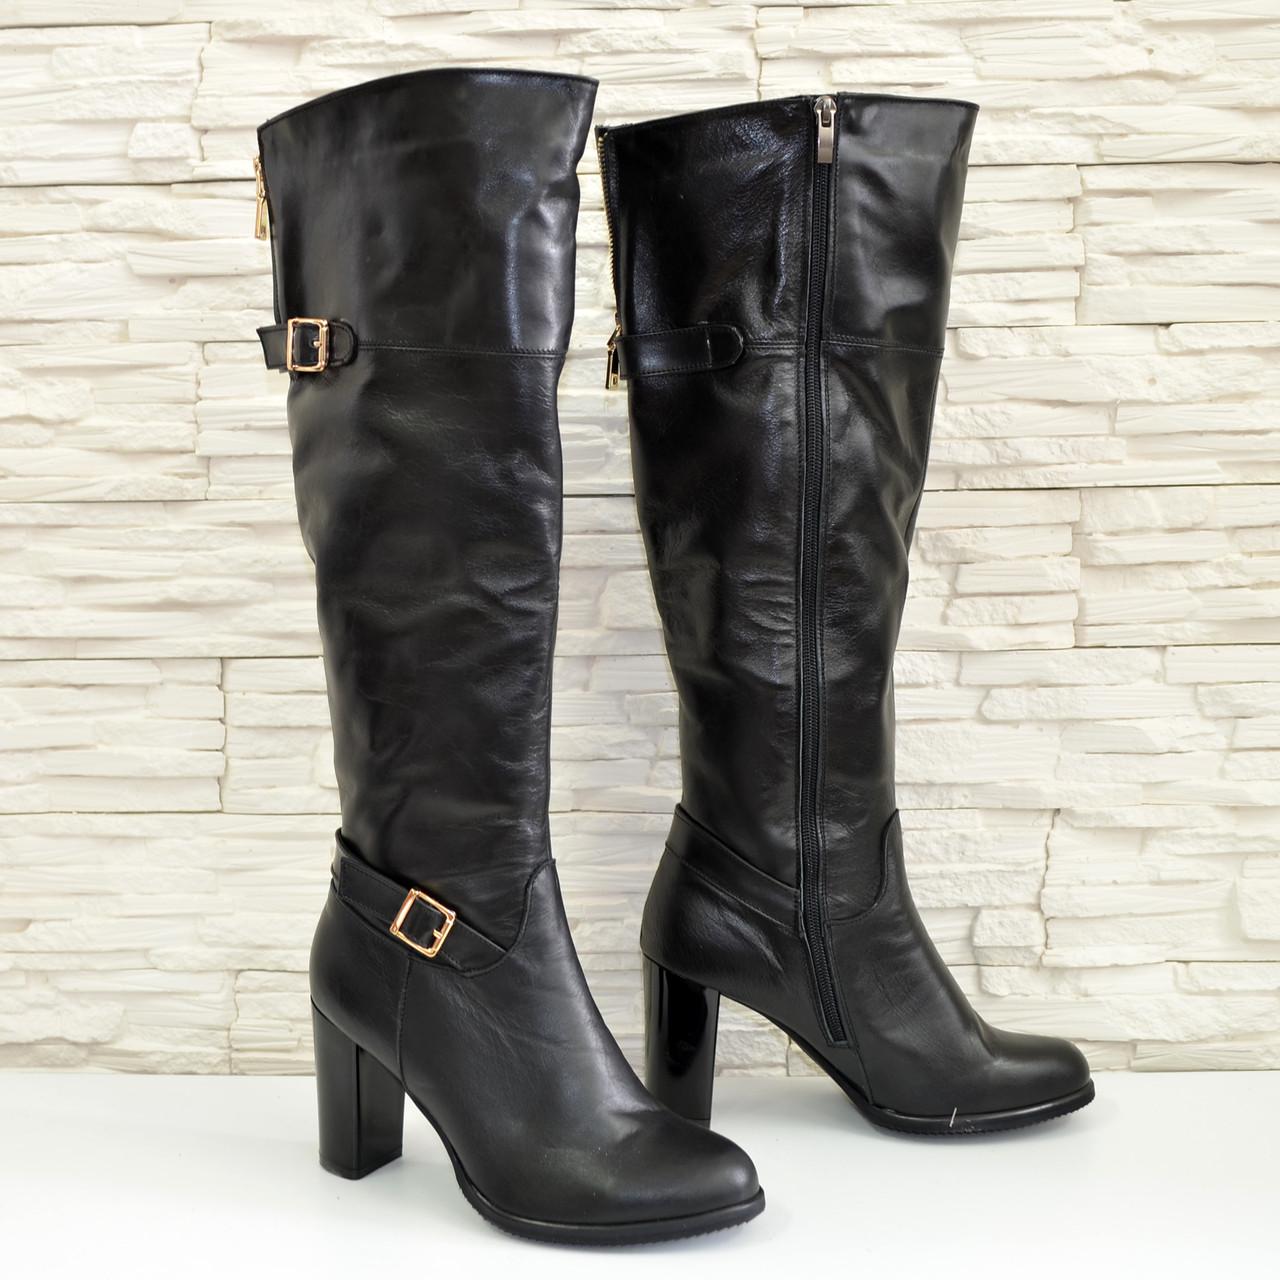 ad4af7aae5f6 Женские зимние кожаные сапоги на высоком каблуке. 38 размер